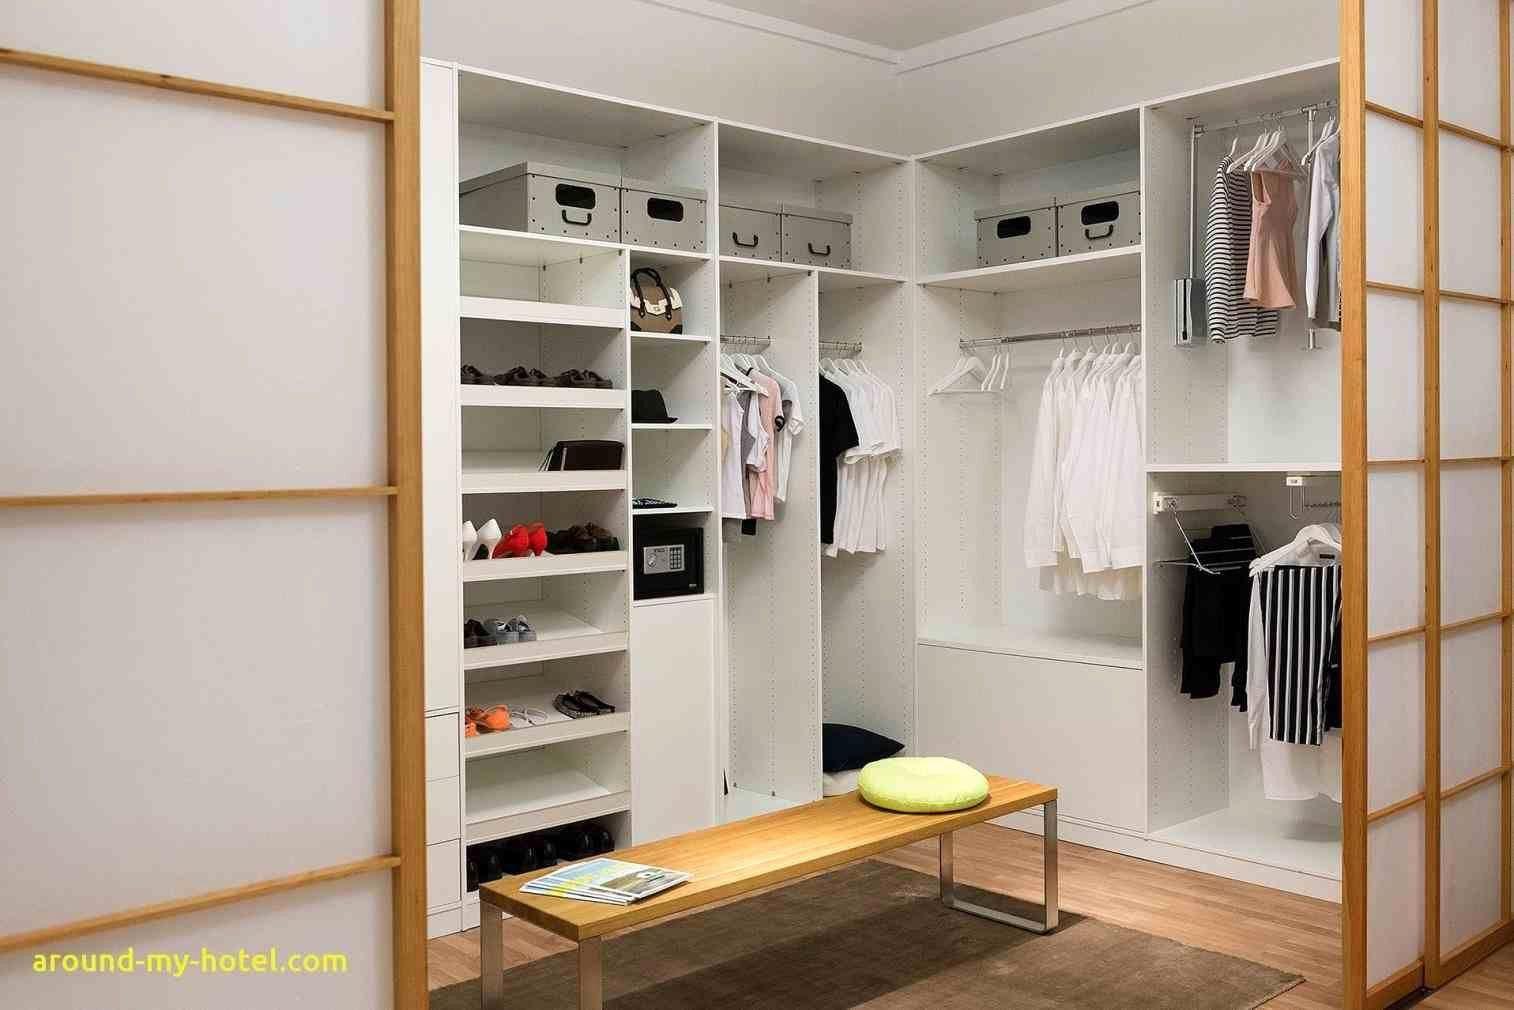 Begehbarer Kleiderschrank Im Schlafzimmer Integrieren ...